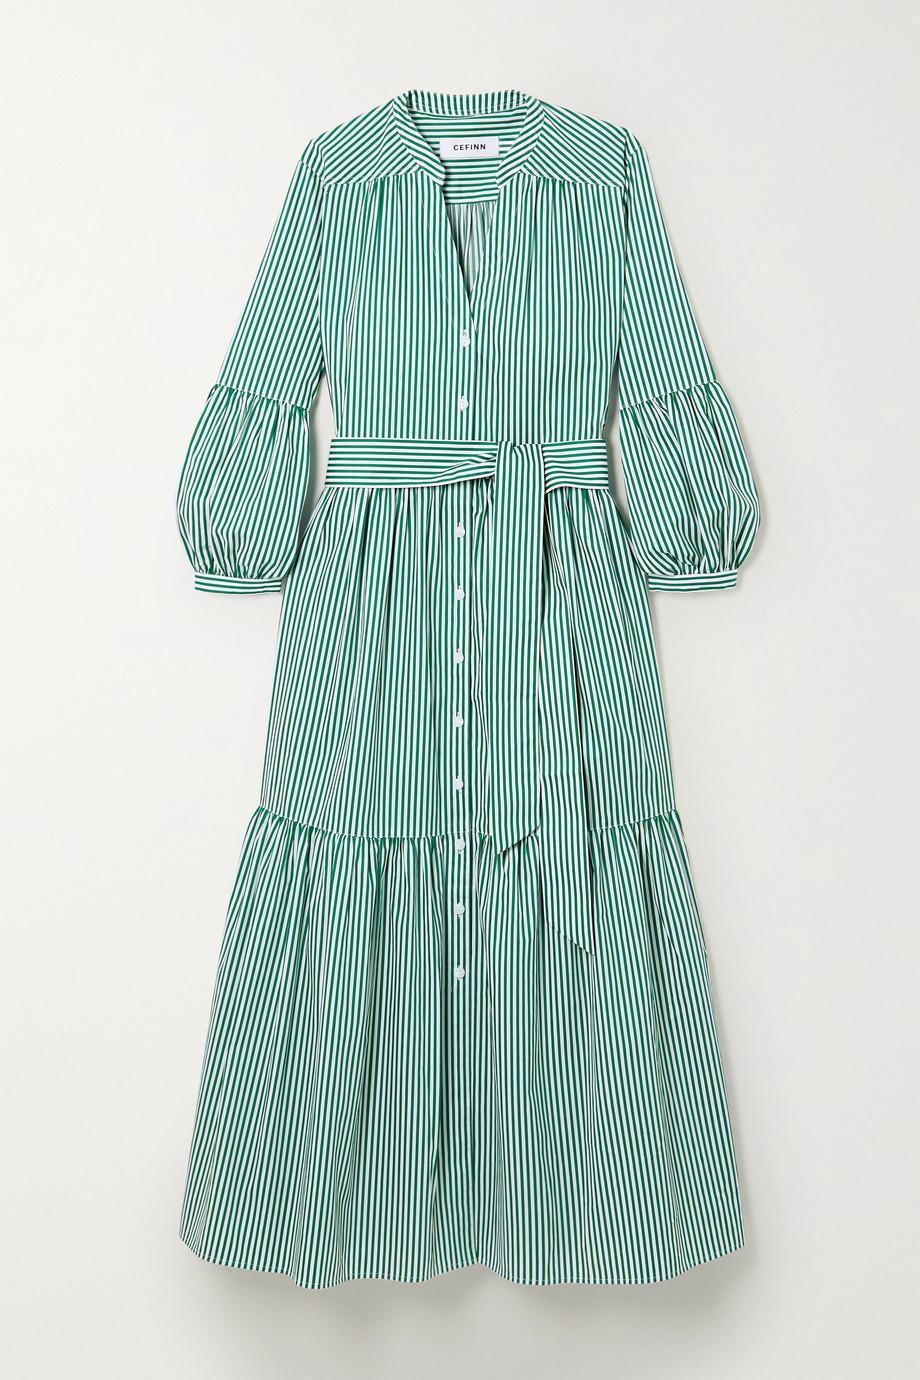 Cefinn Alice 配腰带条纹纯棉府绸中长连衣裙